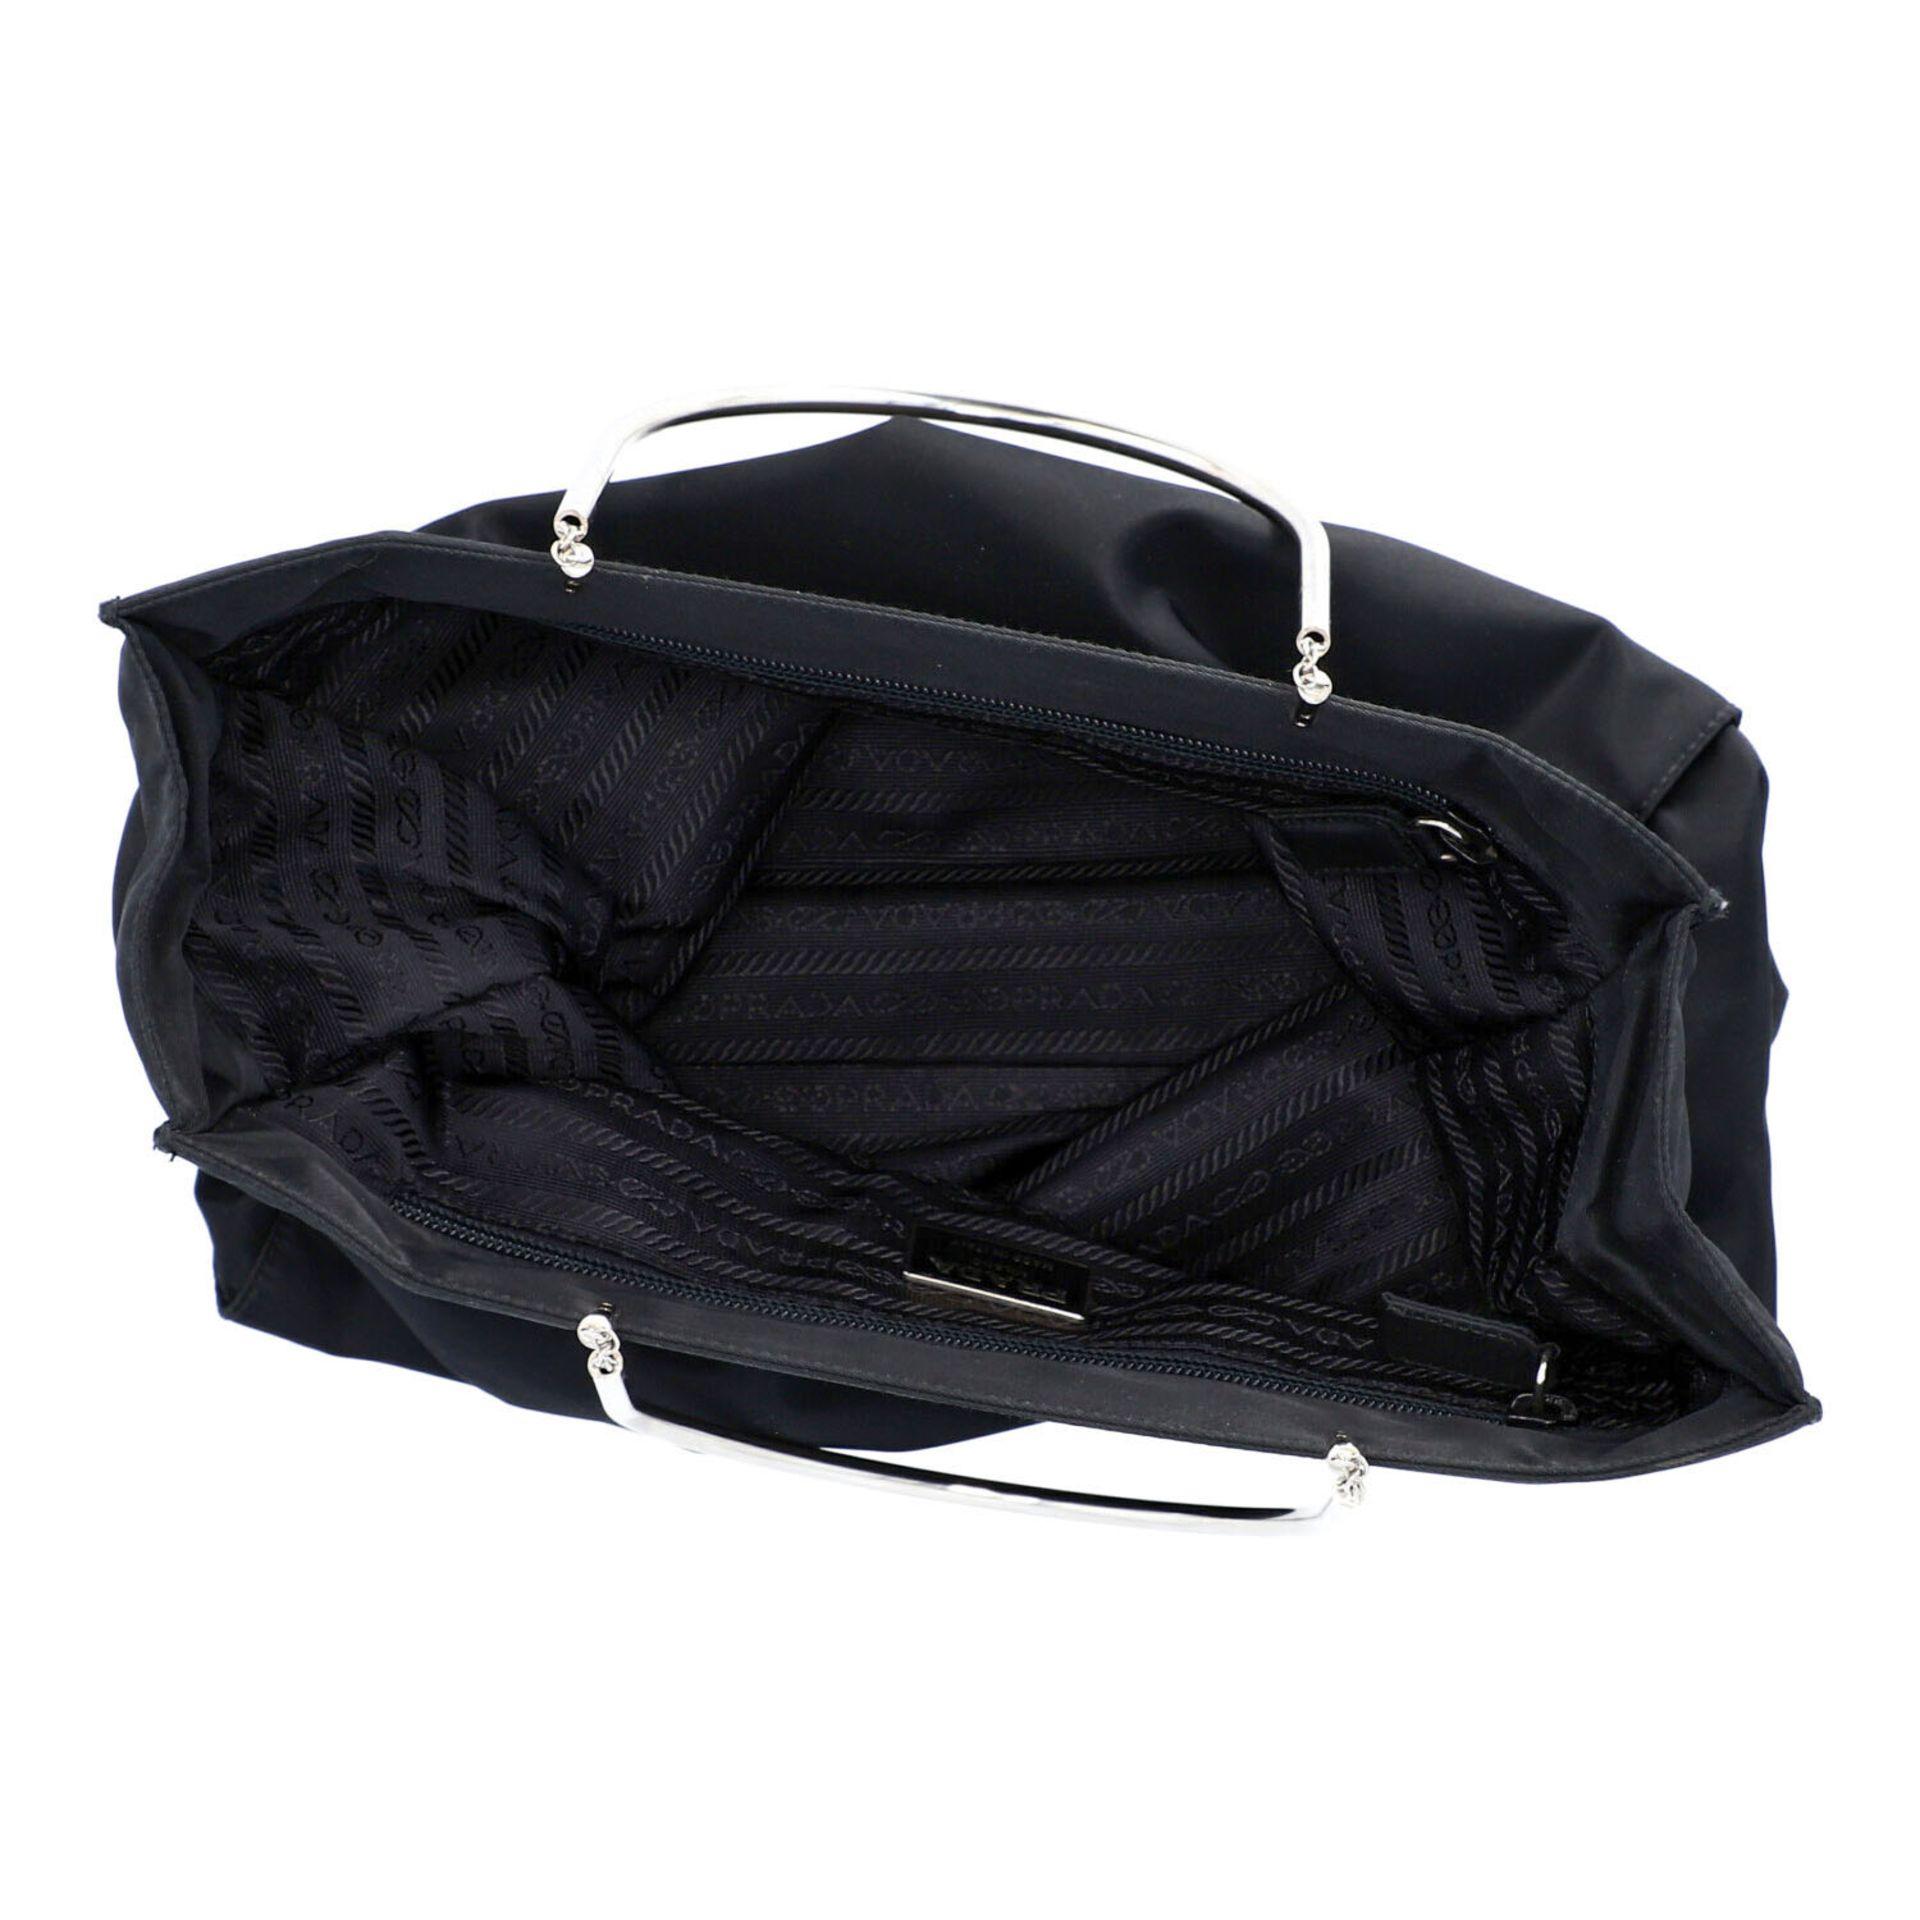 PRADA Henkeltasche. Modell aus schwarzem Nylon mit silberfarbenen Doppelhenkln aus Met - Image 6 of 7